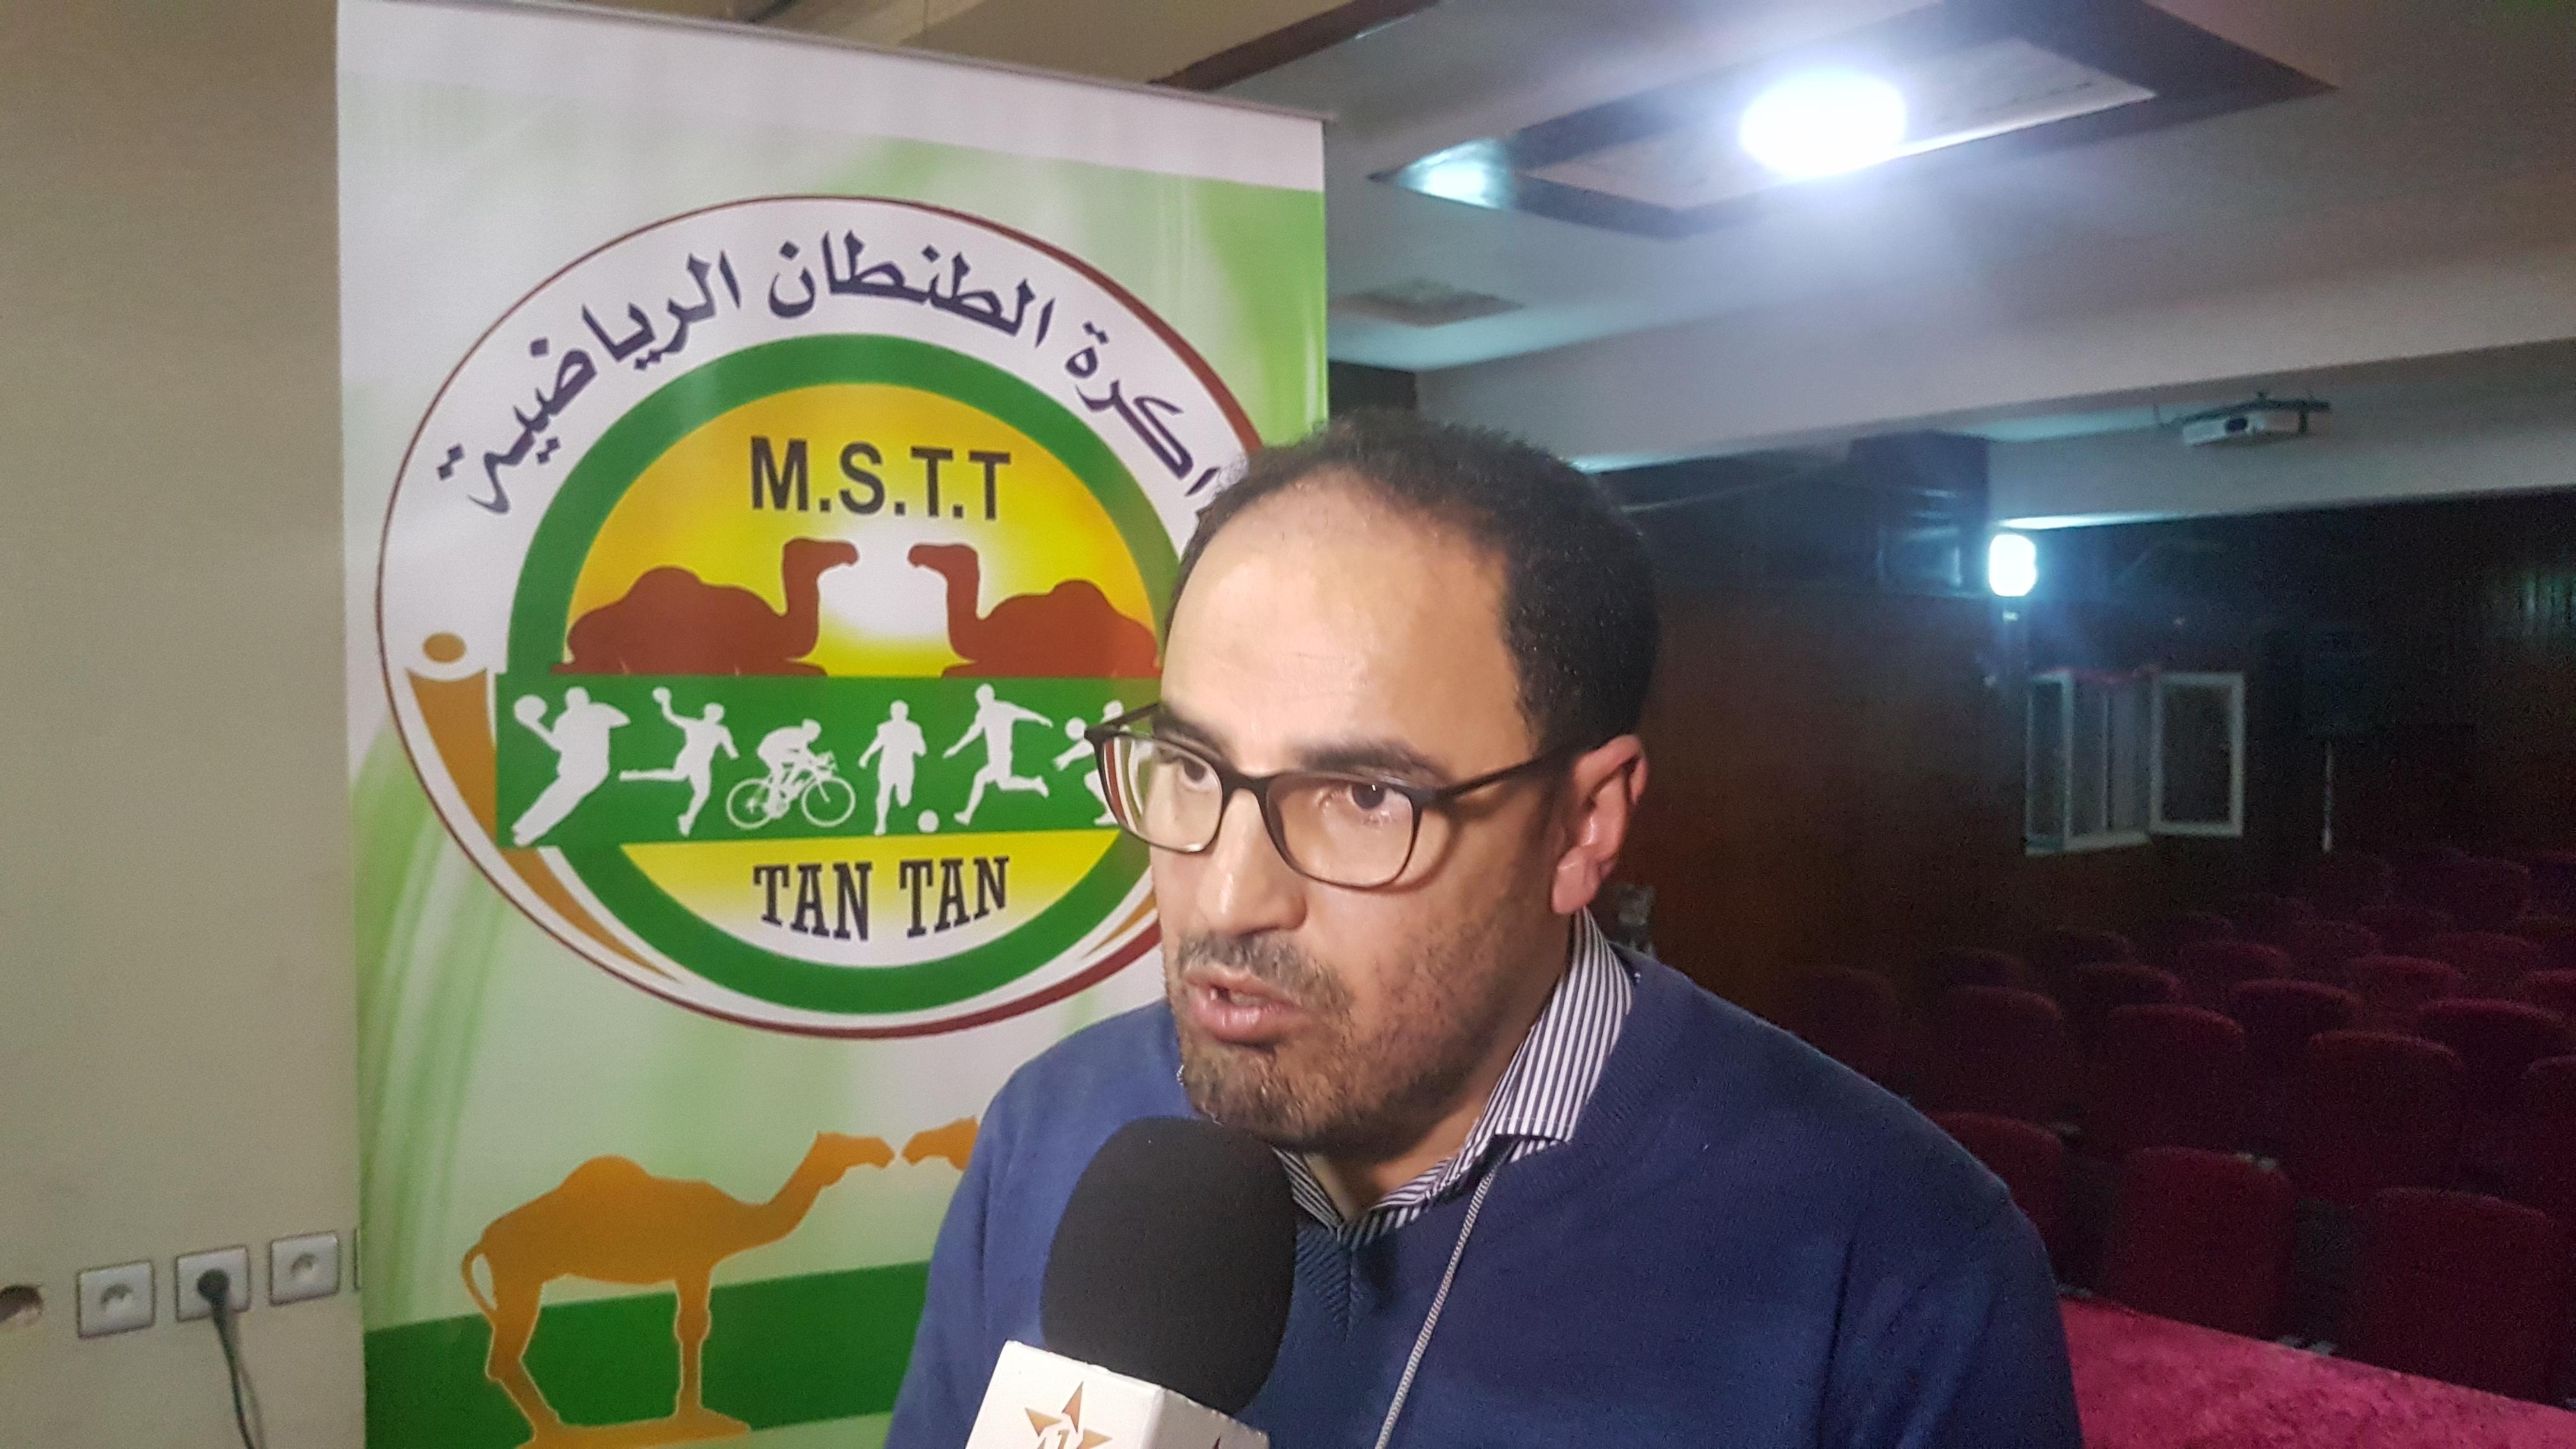 بالفيديو تصريح السيد صلاح الدين بويا رئيس جمعية ذاكرة الطانطان الرياضية